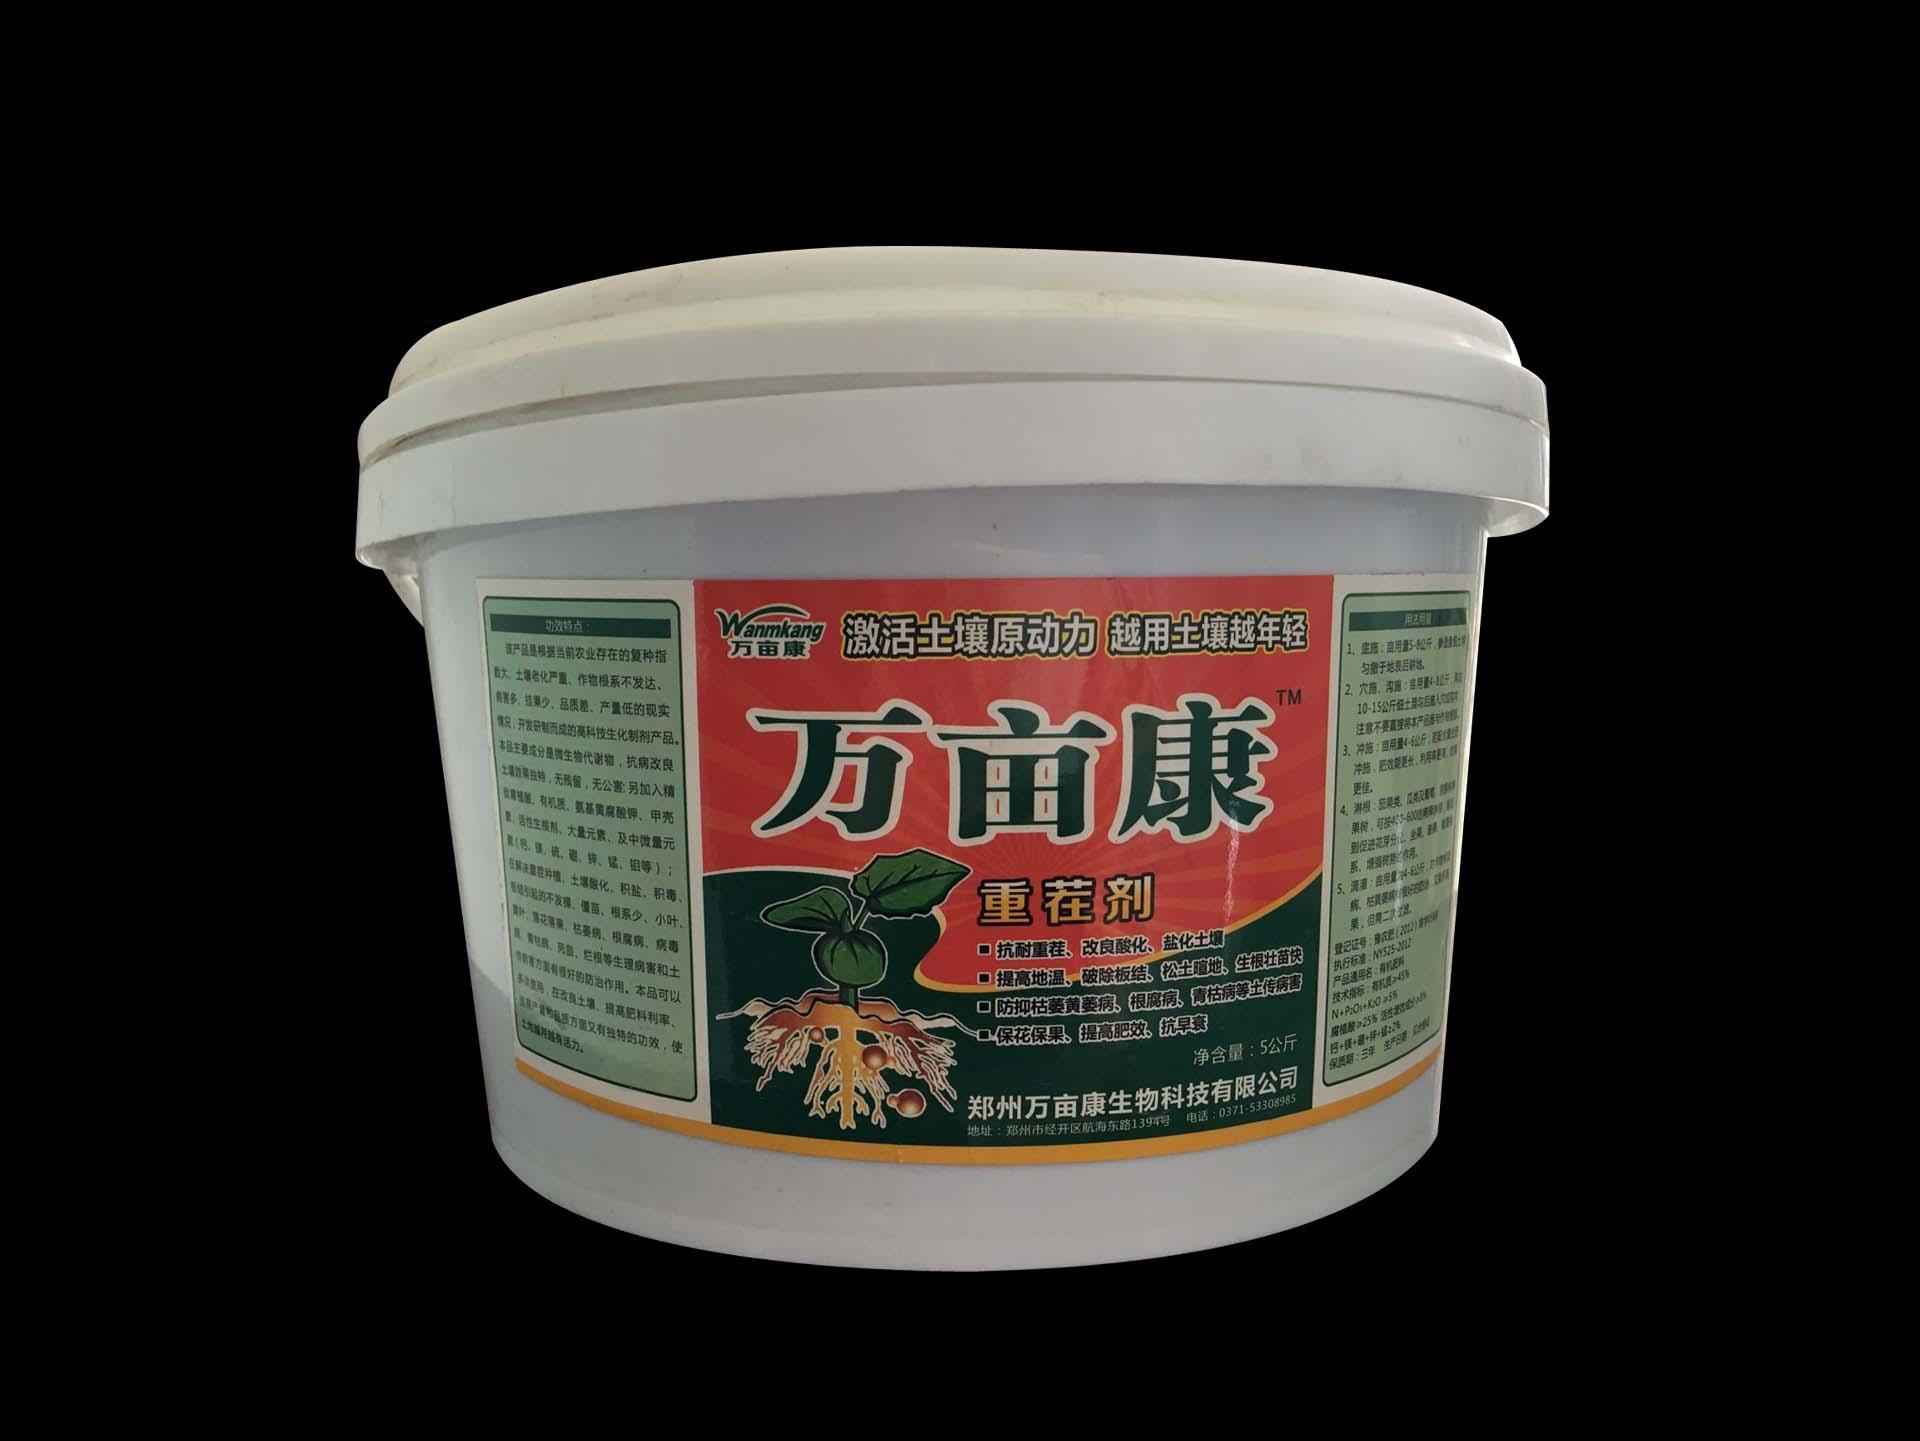 专业抗重茬剂土壤修复剂万亩康生物科技